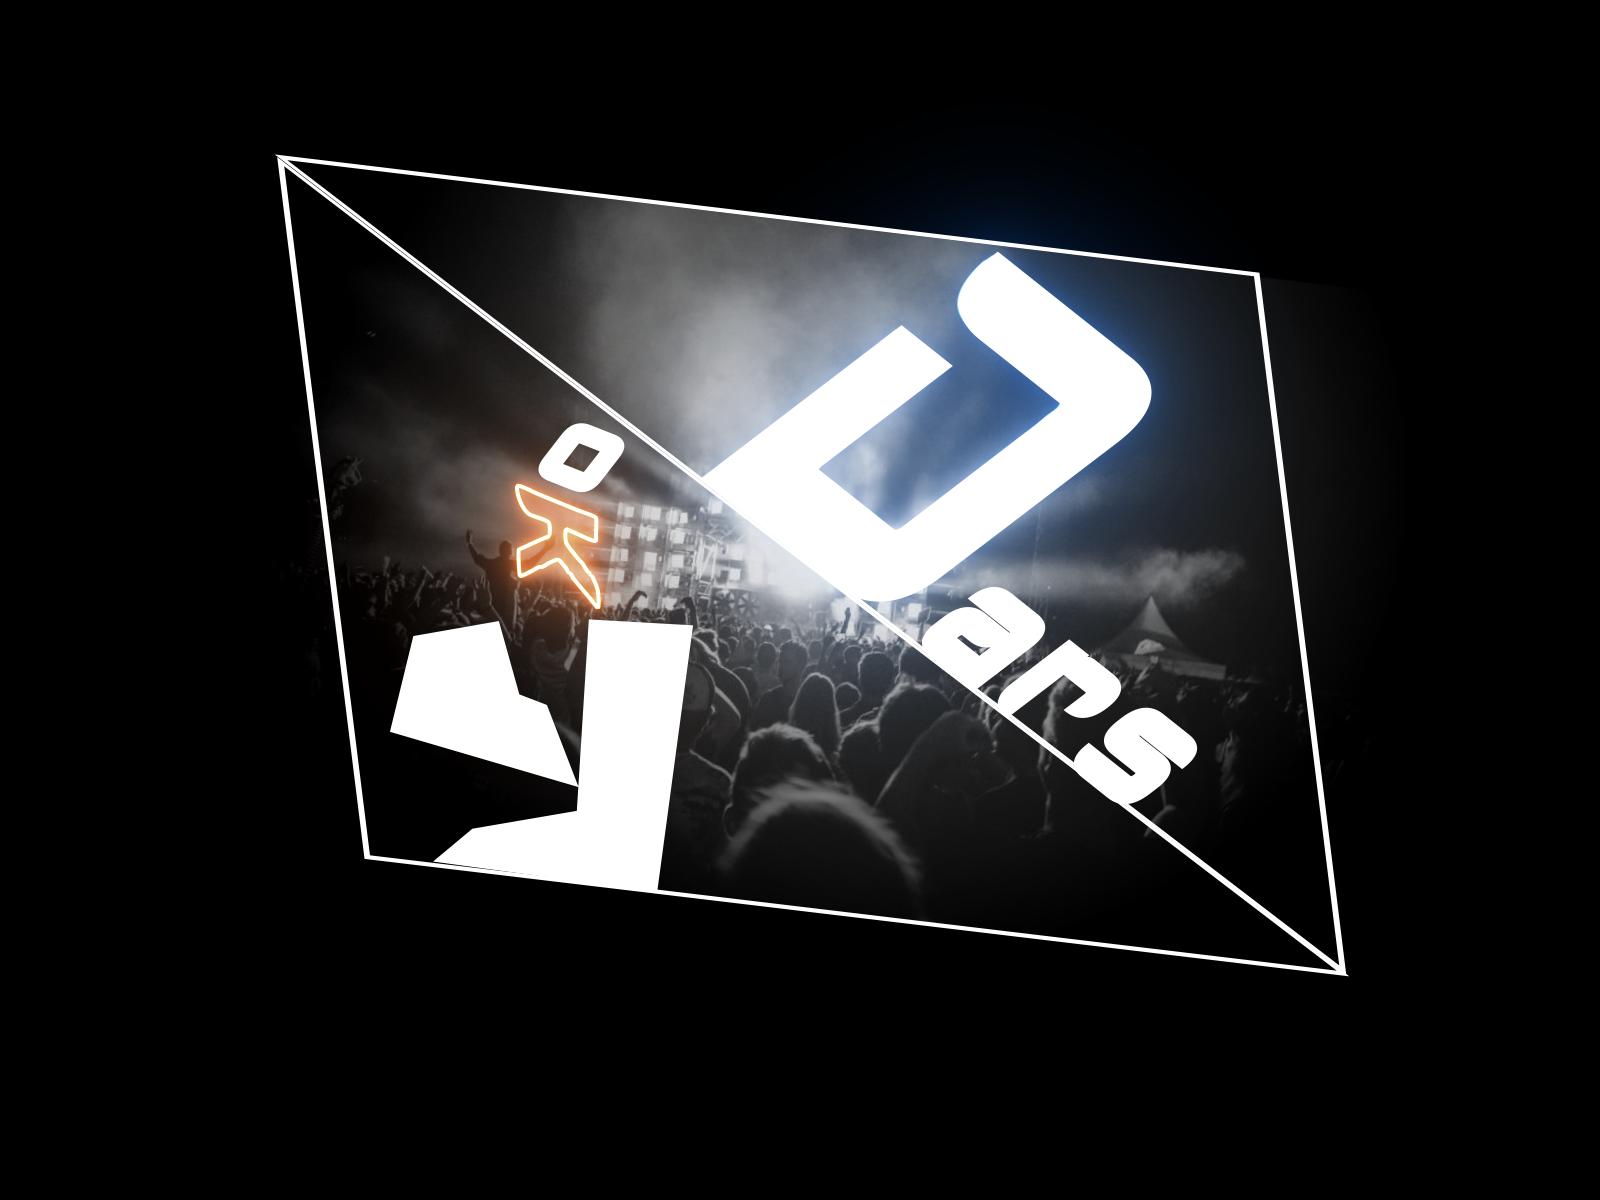 Нарисовать логотип для сольного музыкального проекта фото f_5535ba8f2d1579b5.png